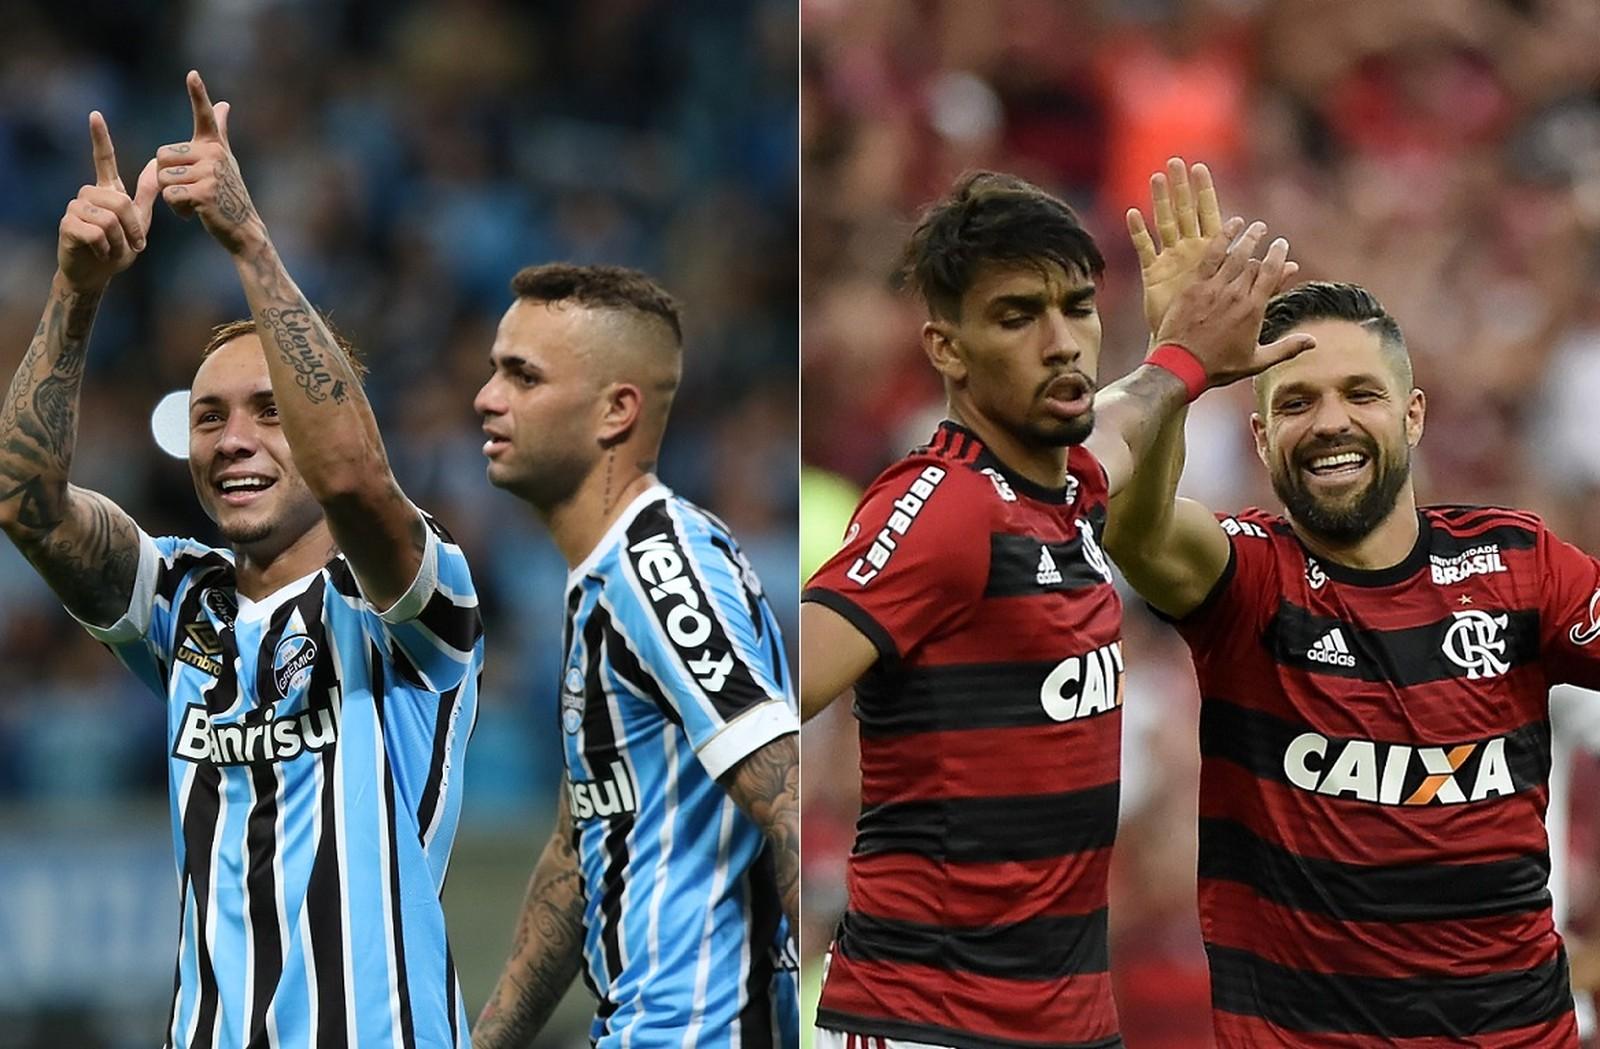 Números ofensivos de Flamengo e Grêmio na temporada